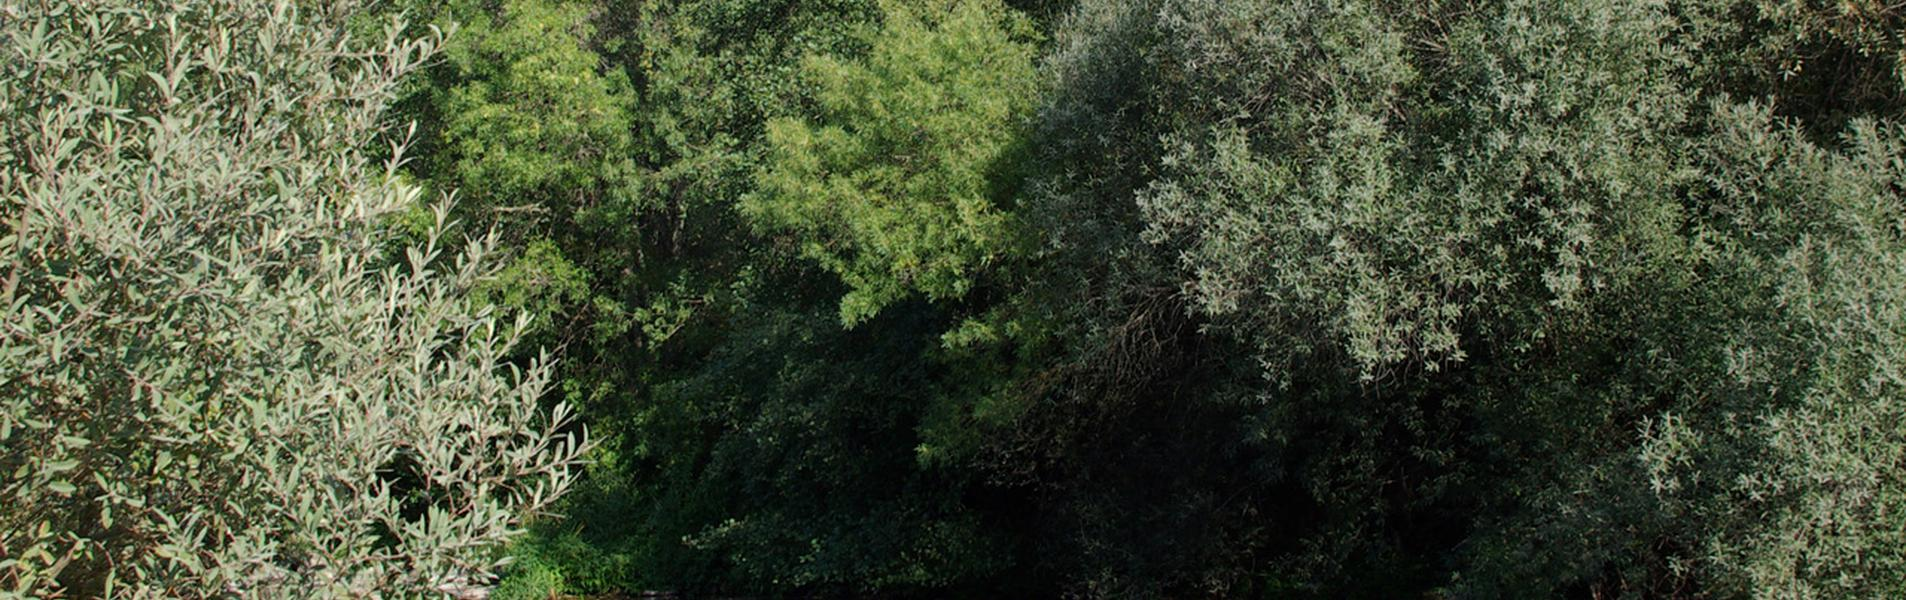 Monterrubio de la Sierra